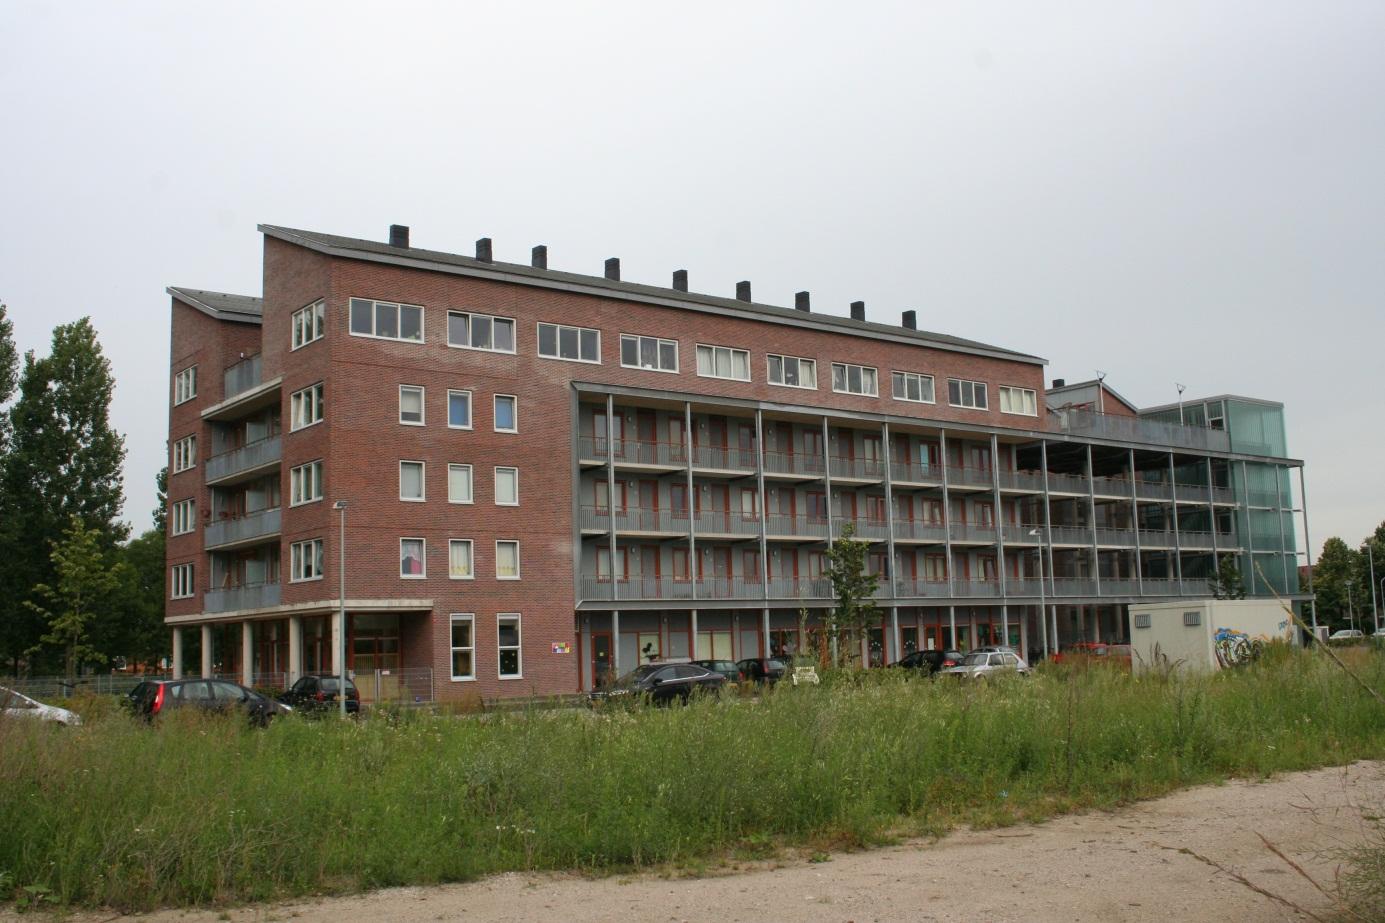 Het woonprobleem van Almere - PvdA Almere Chagallweg 10 Almere